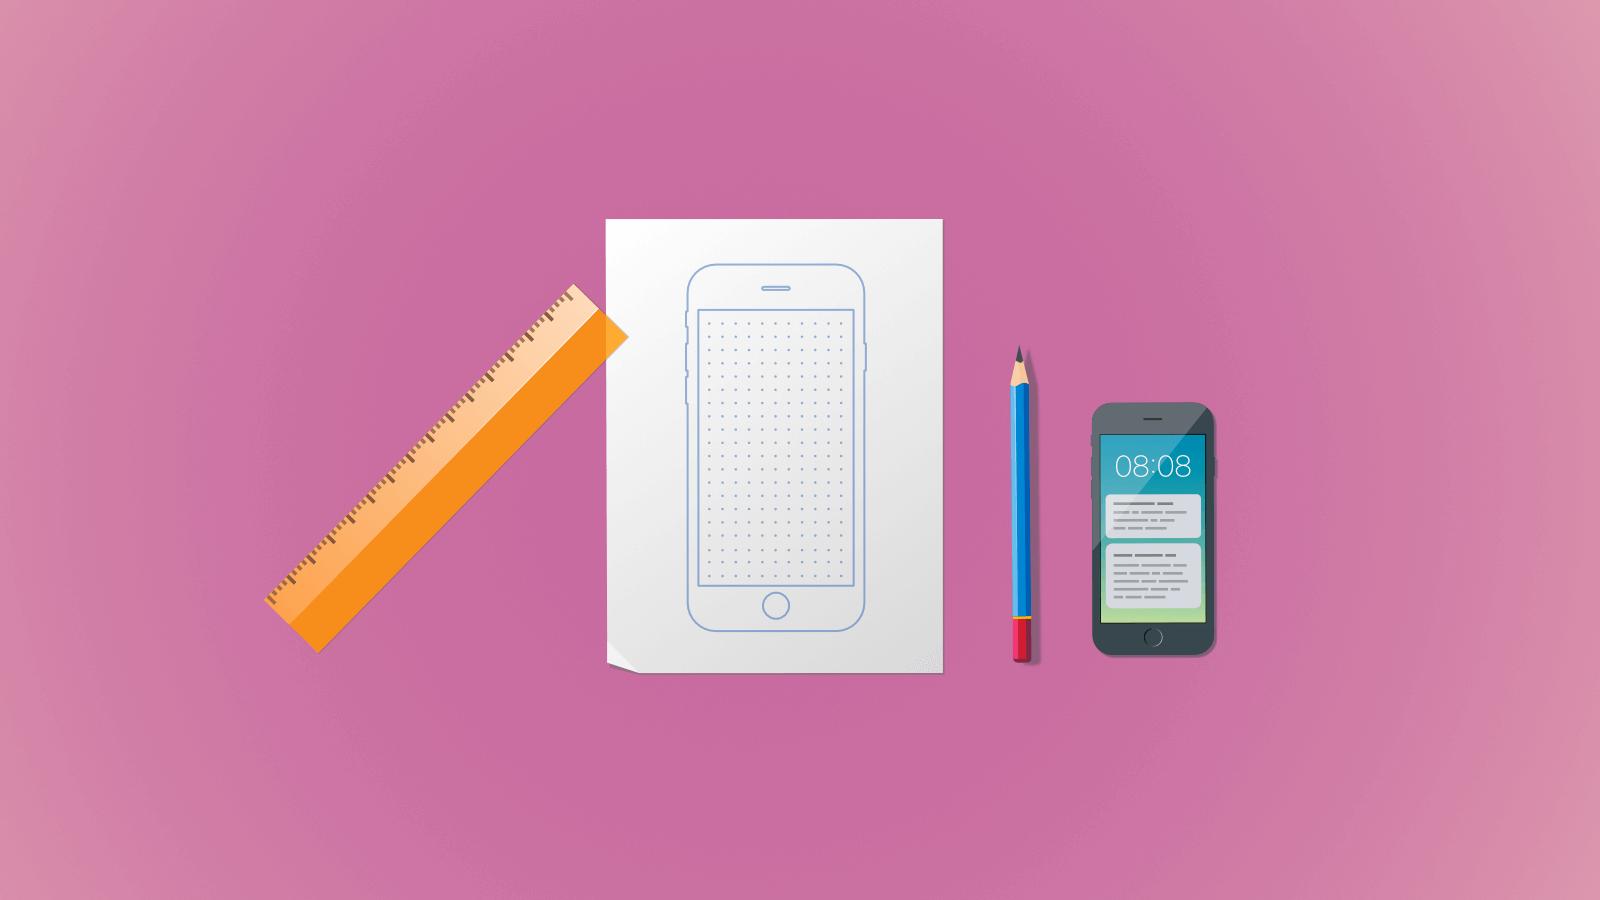 Làm thế nào để tạo ứng dụng điện thoại di động với thiết kế UX khác biệt?